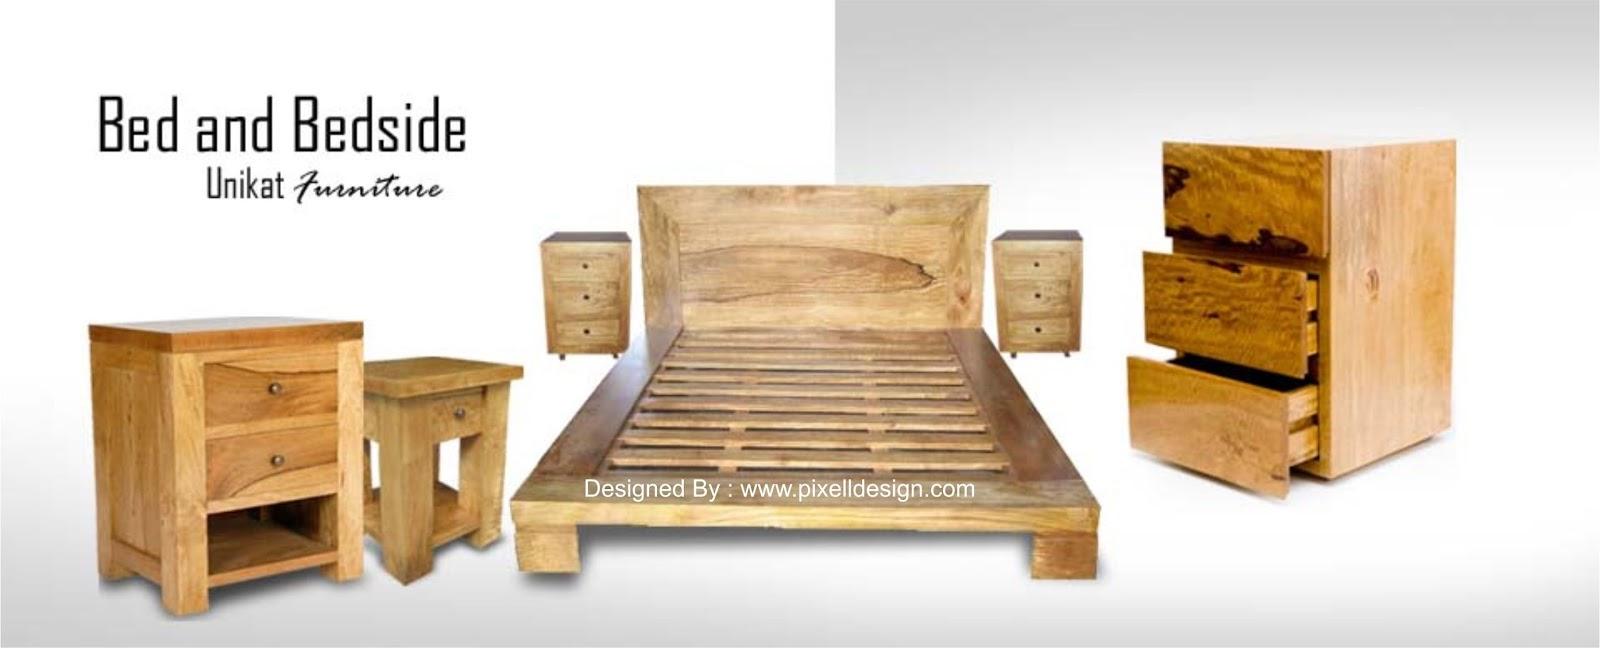 Contoh Banner Iklan Furniture Exclusive Menarik - Desain